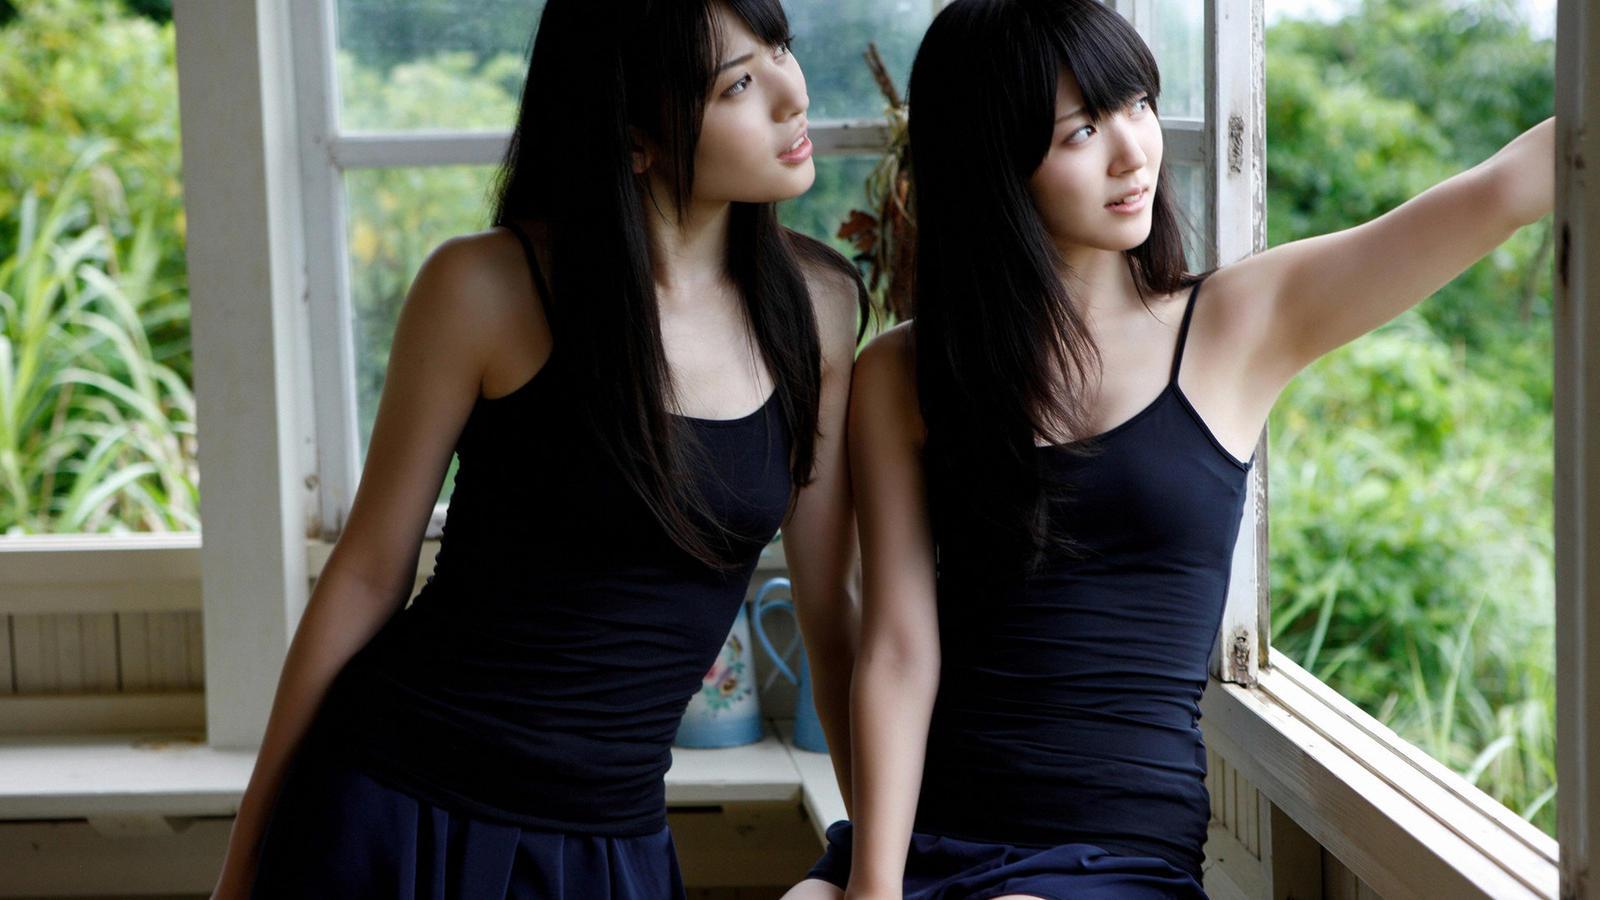 求图片:两个长发美女穿黑色吊带无袖衣交头接耳说